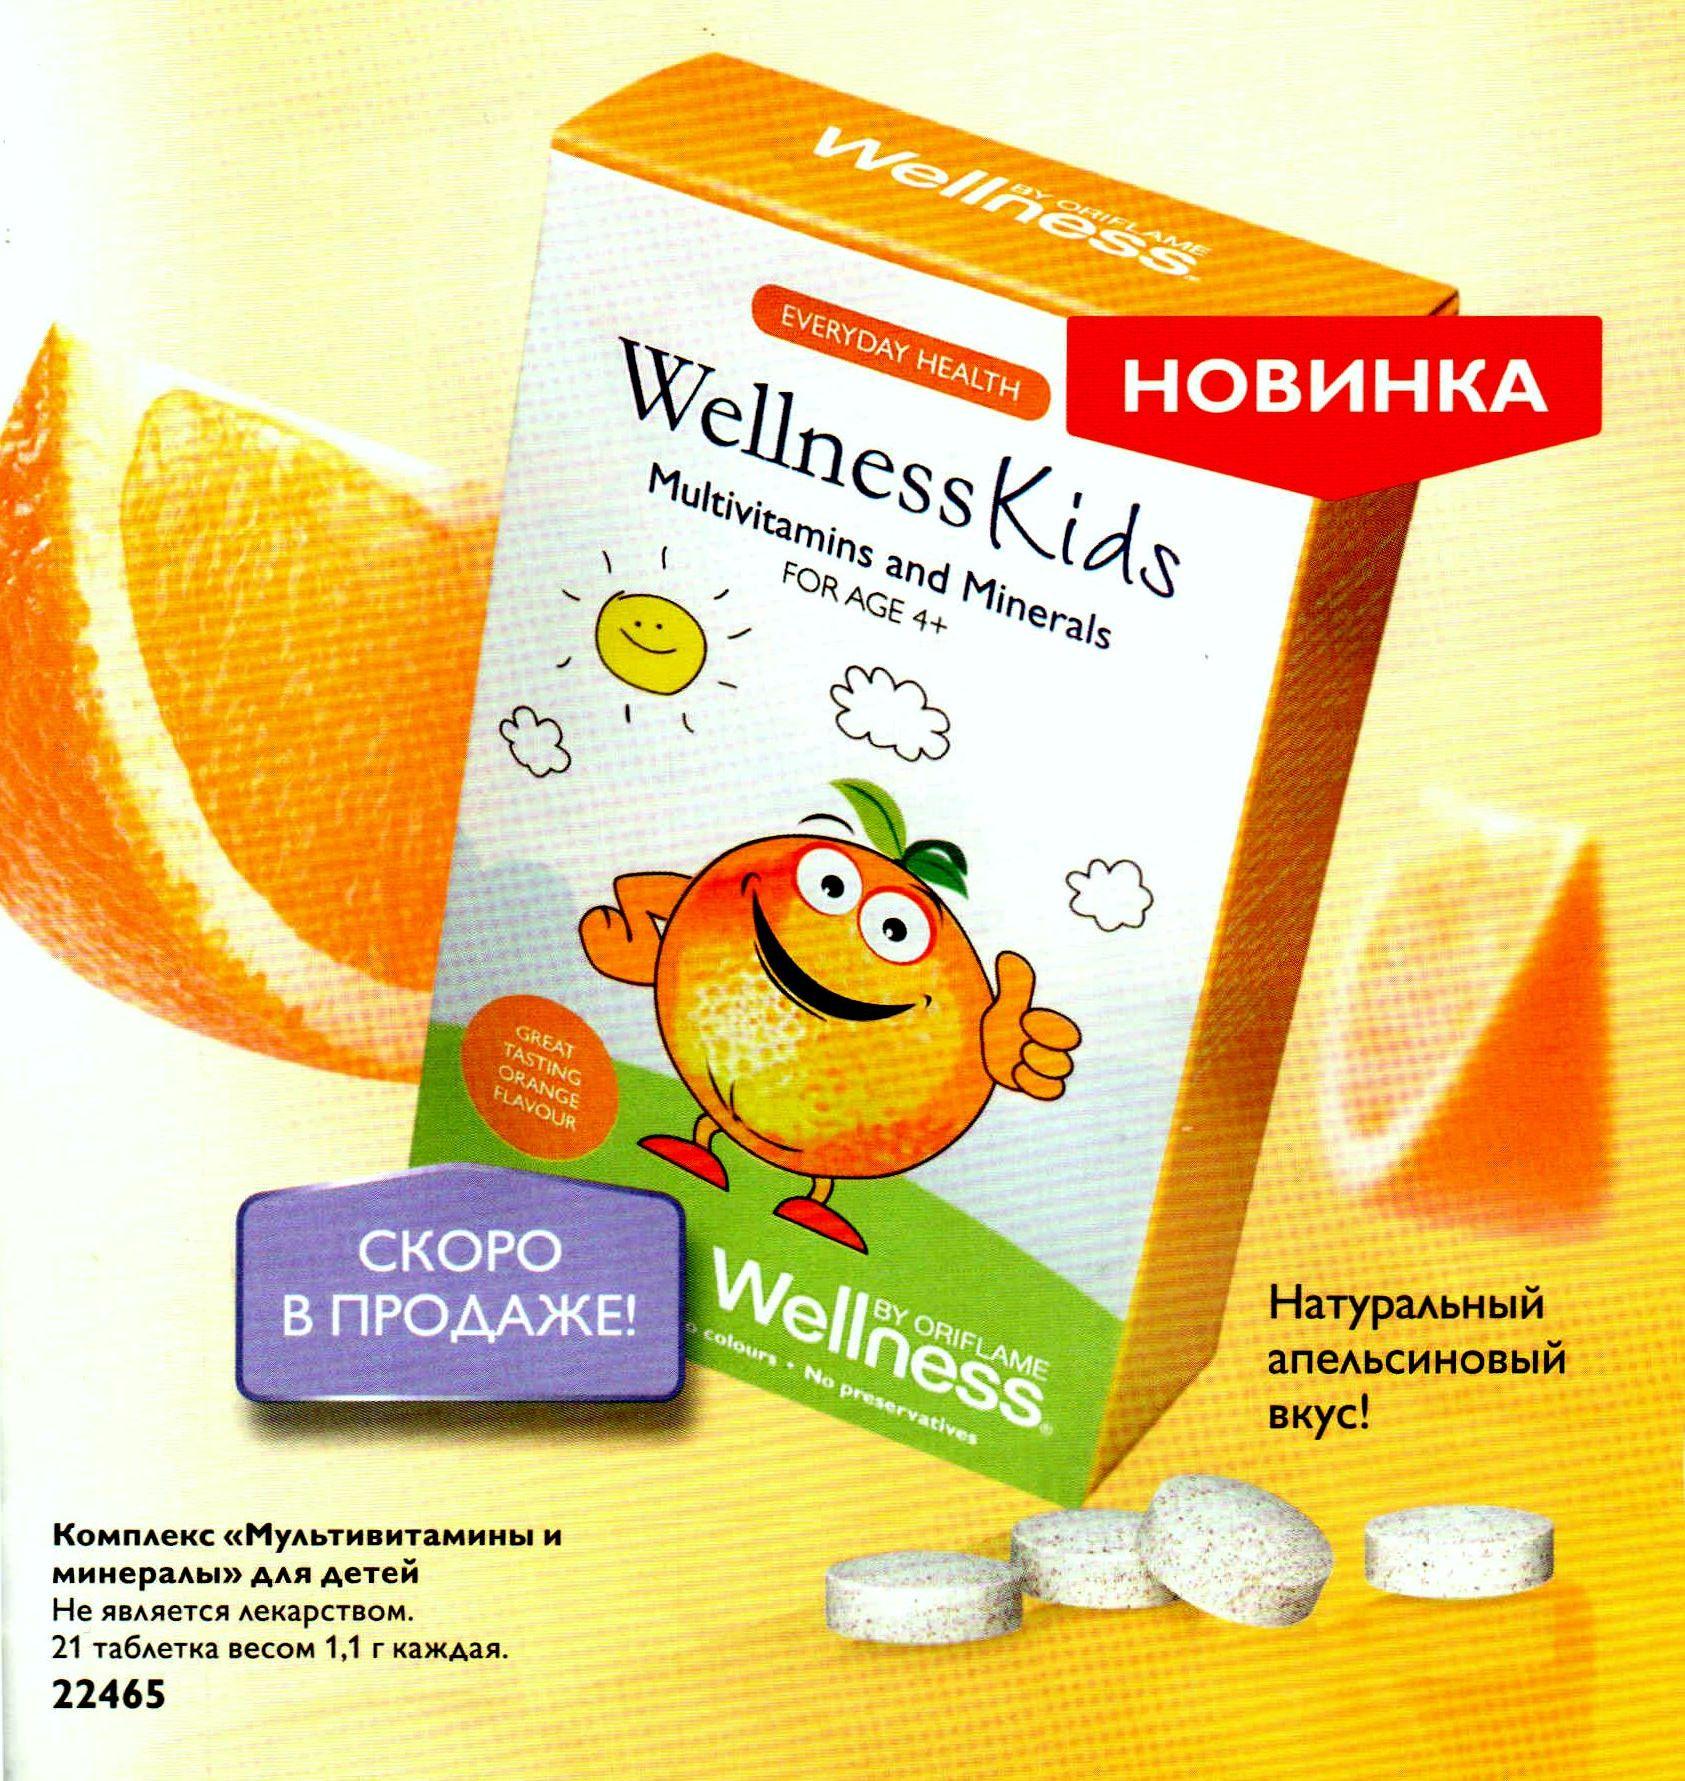 вэлнэс,wellness kids, витамины, орифлэйм